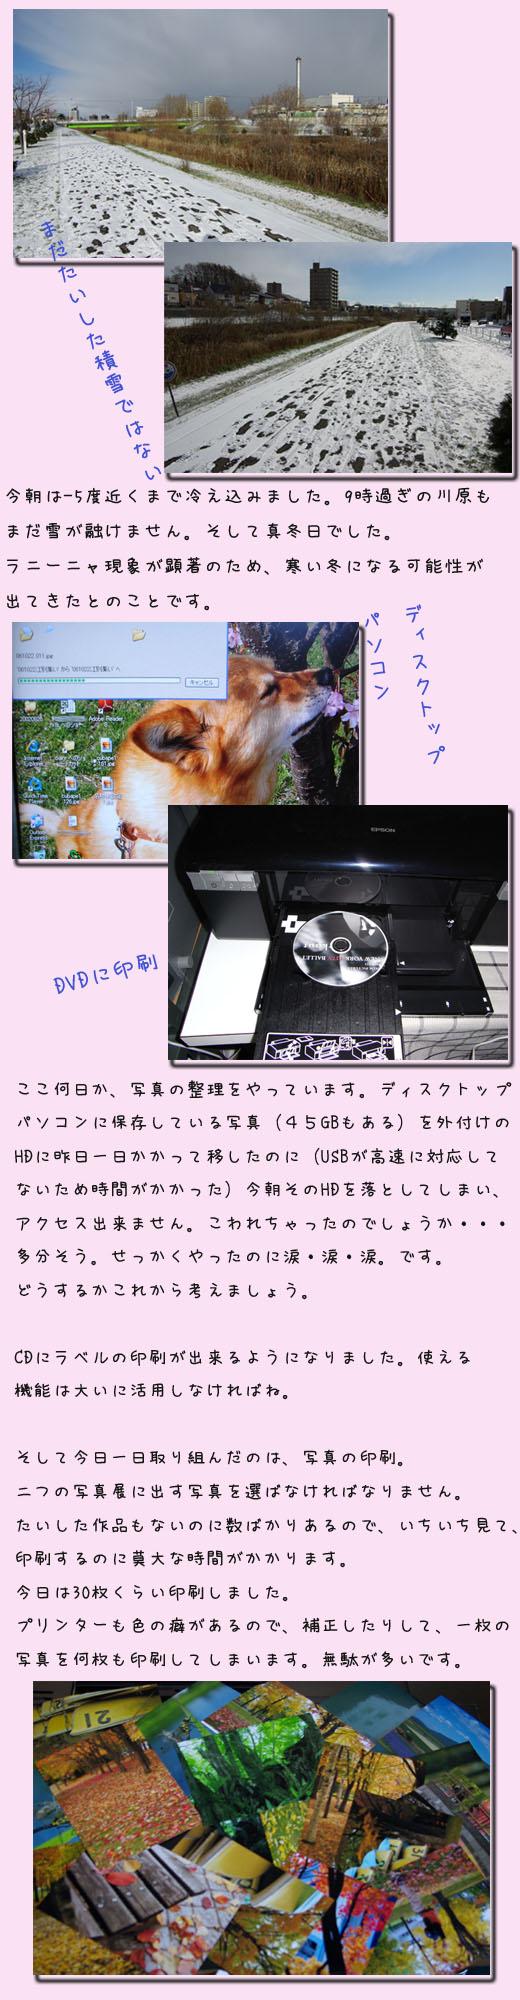 写真印刷_b0019313_16433548.jpg